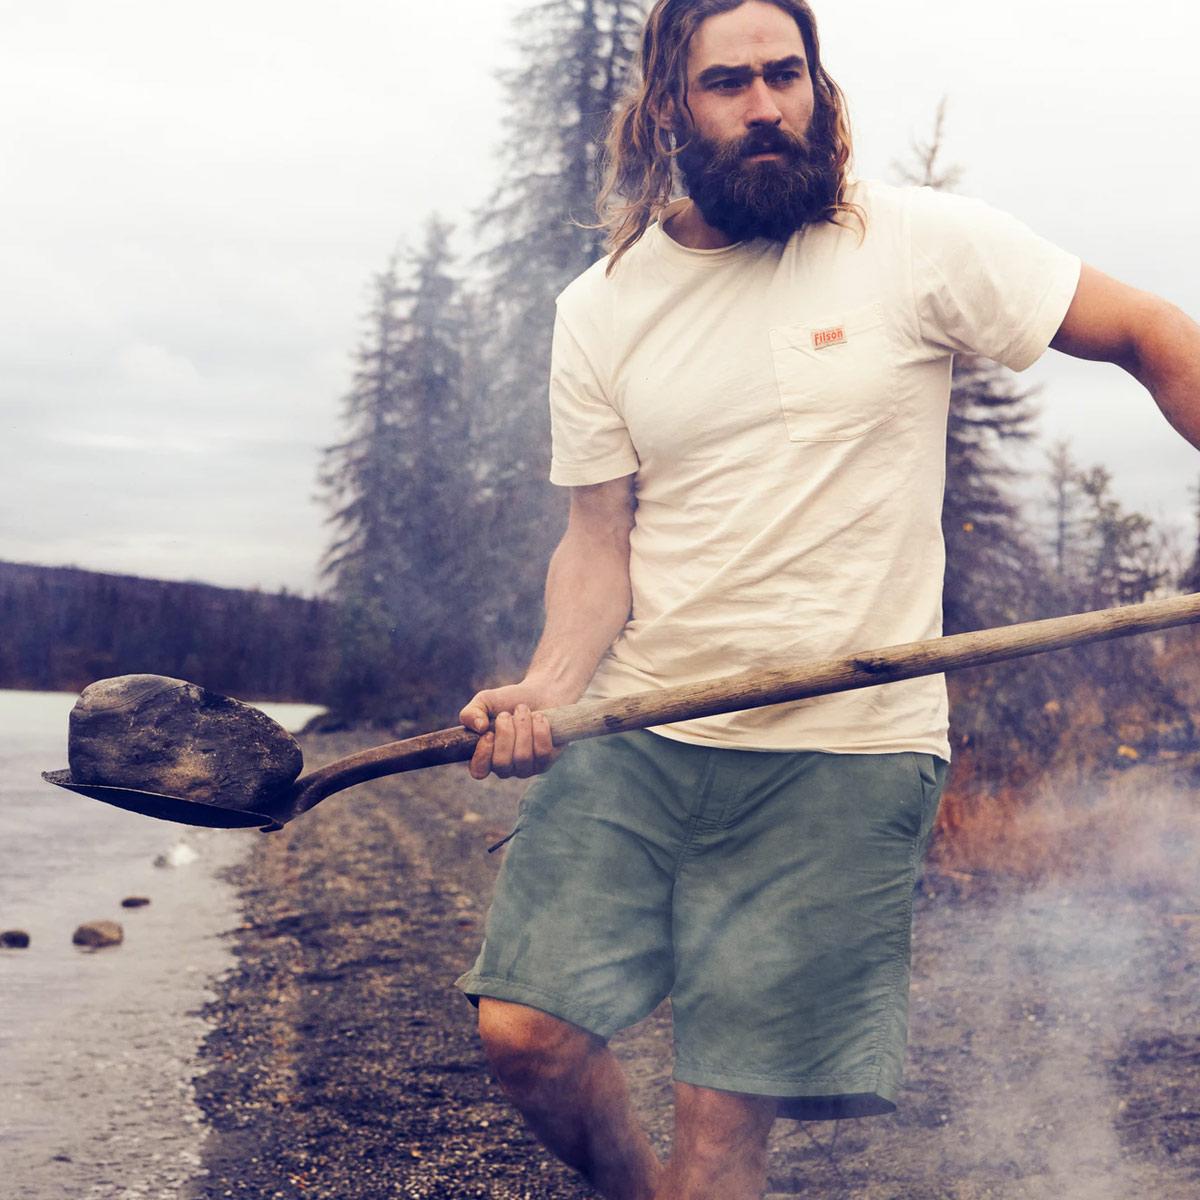 Filson Elwha River Short, een sneldrogende, lichtgewicht short uitgevoerd voor zwemmen en wandelen met een klassieke look